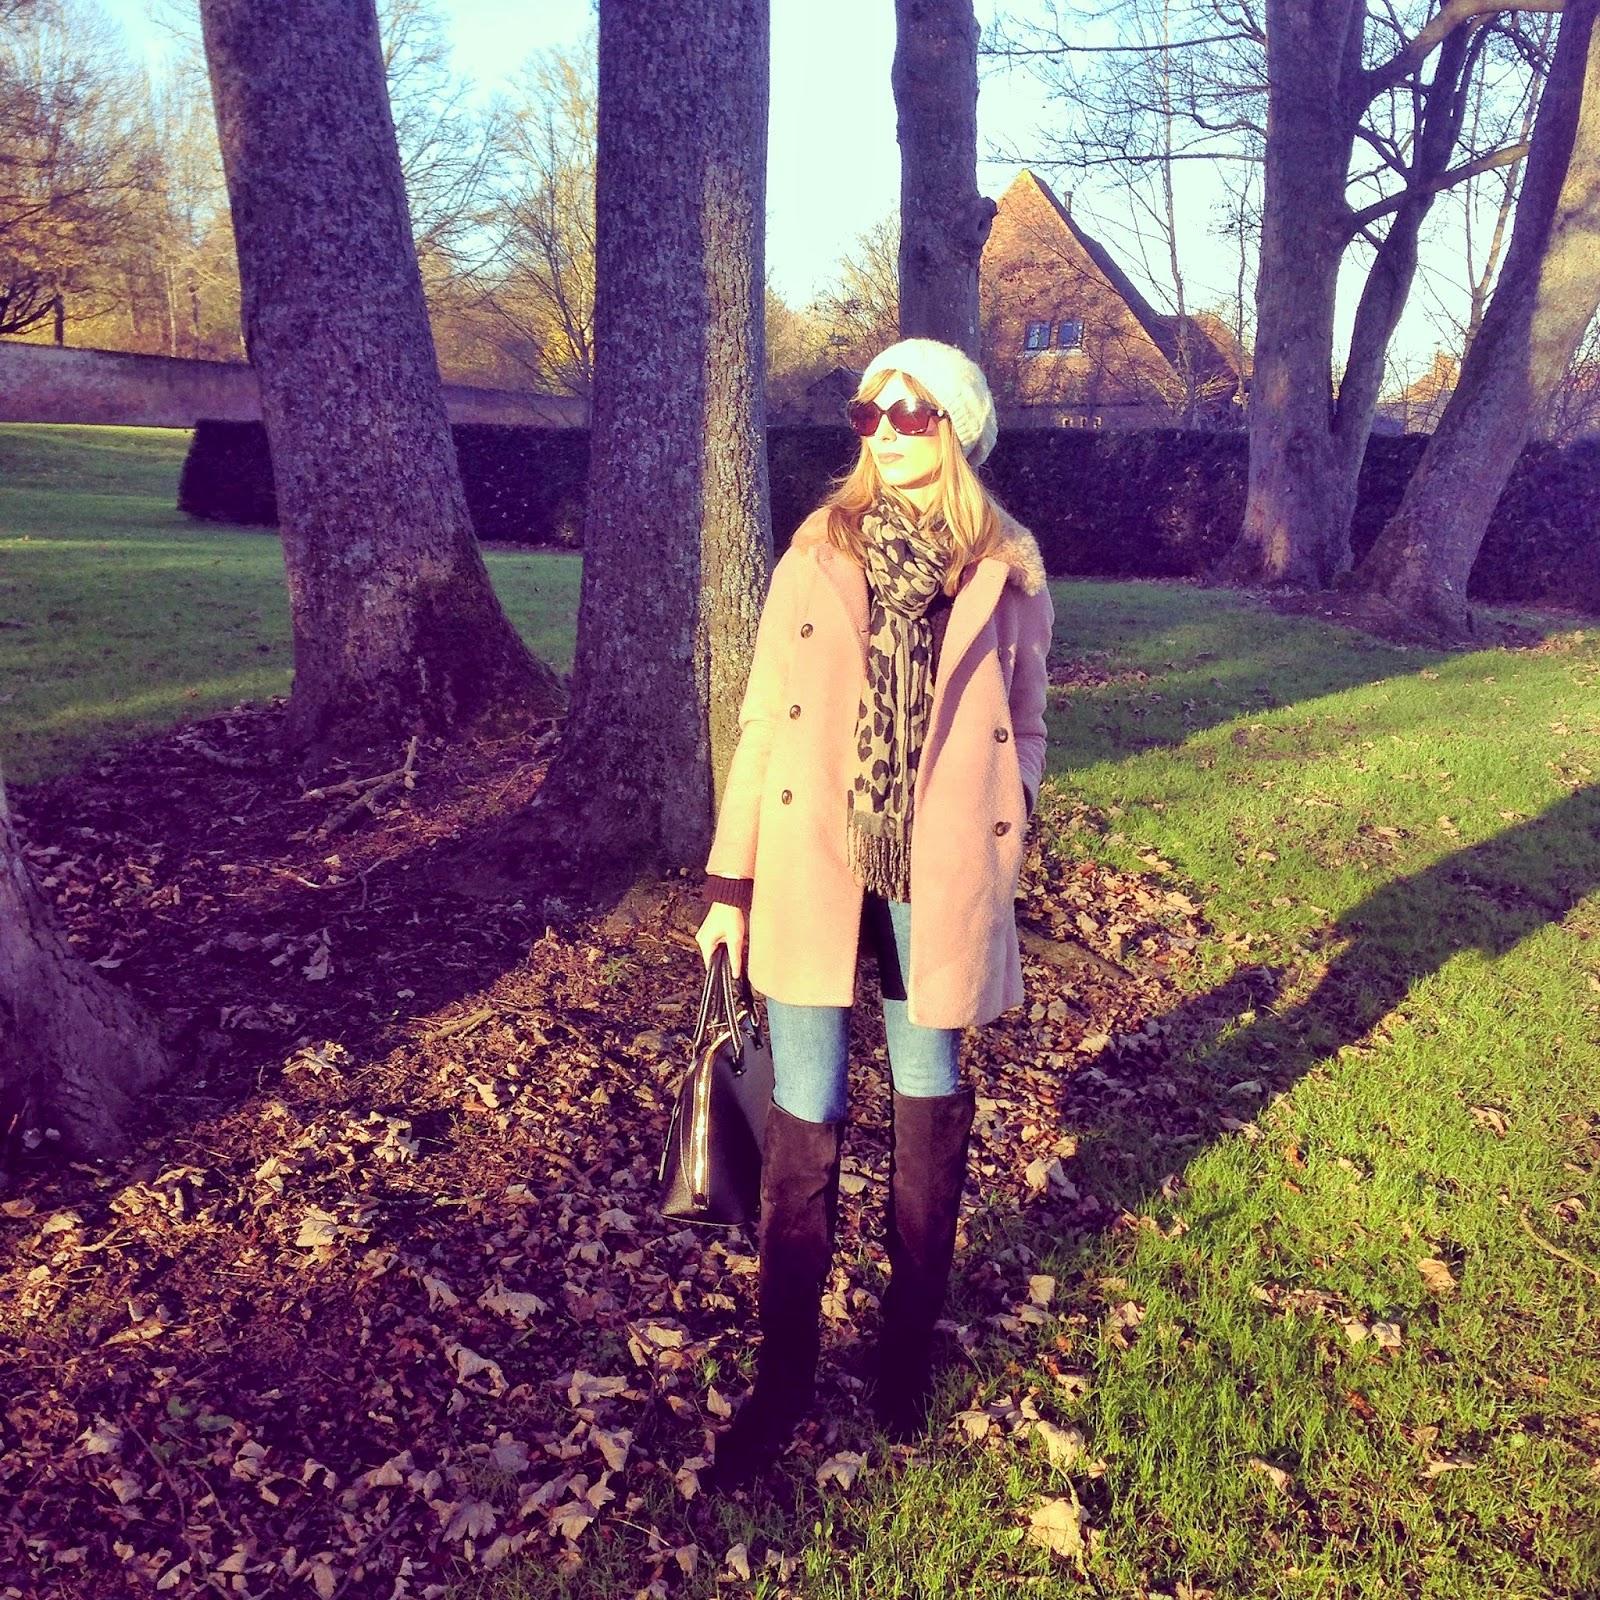 Zara pink coat #OOTD